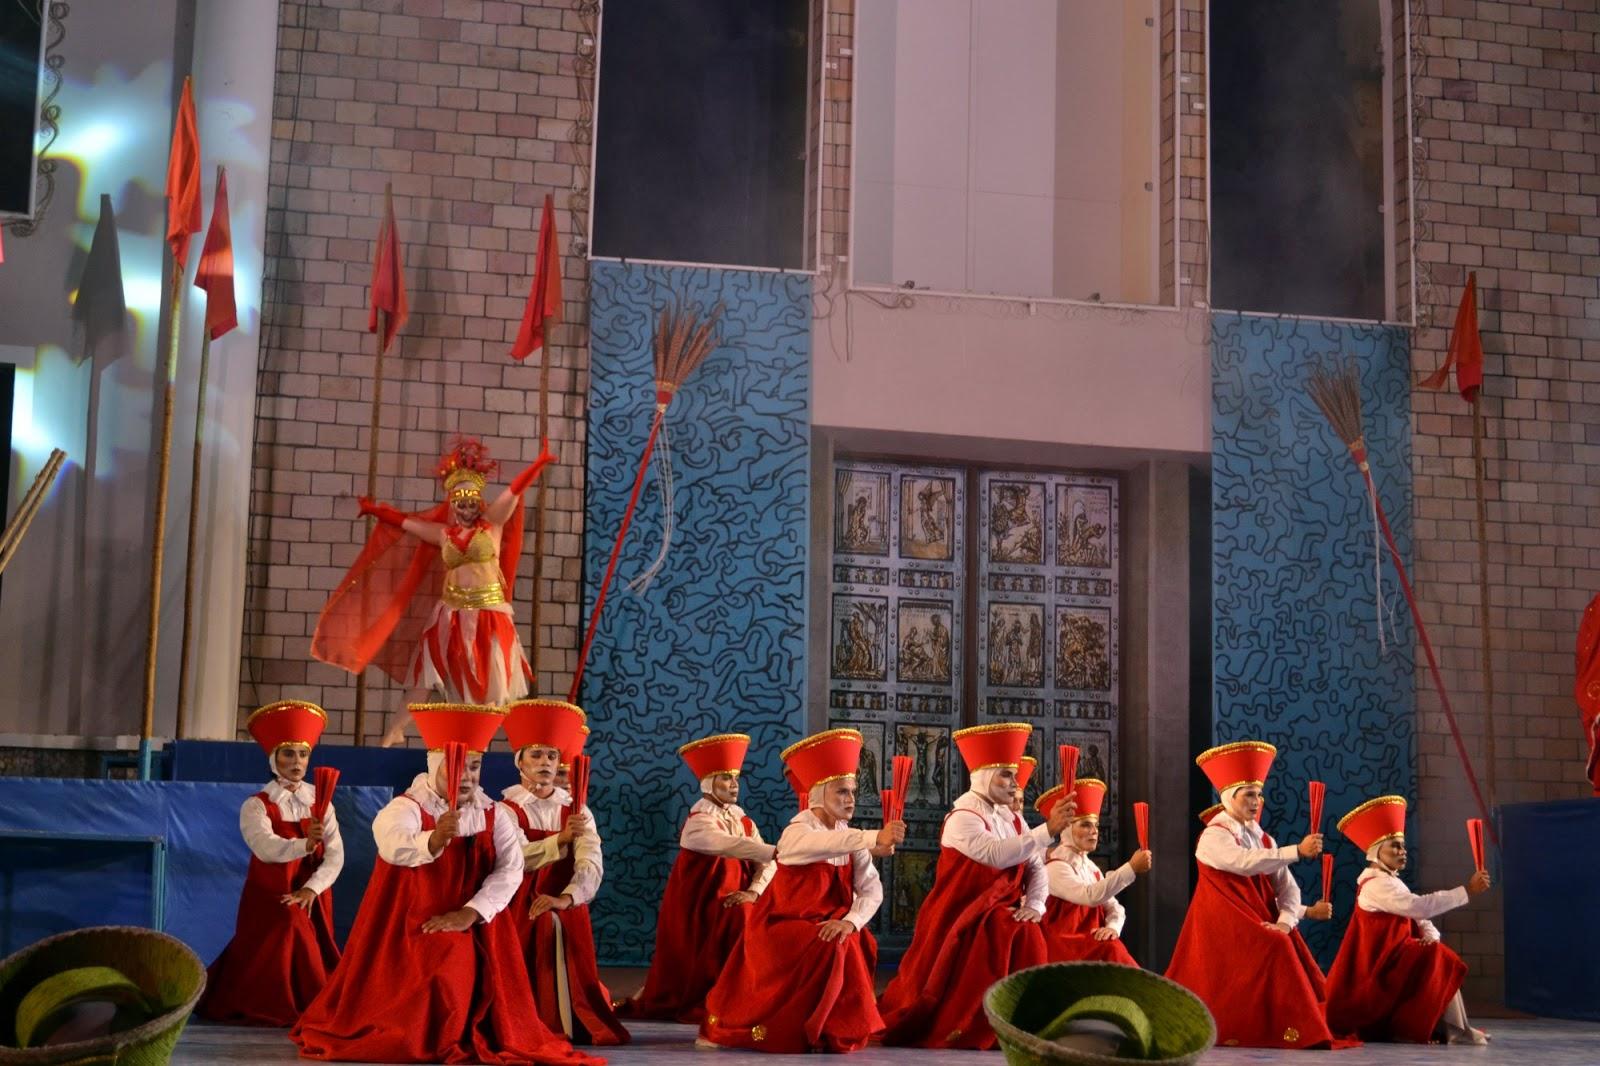 Festa de Santa Luzia começa nesta segunda-feira; Veja a programação